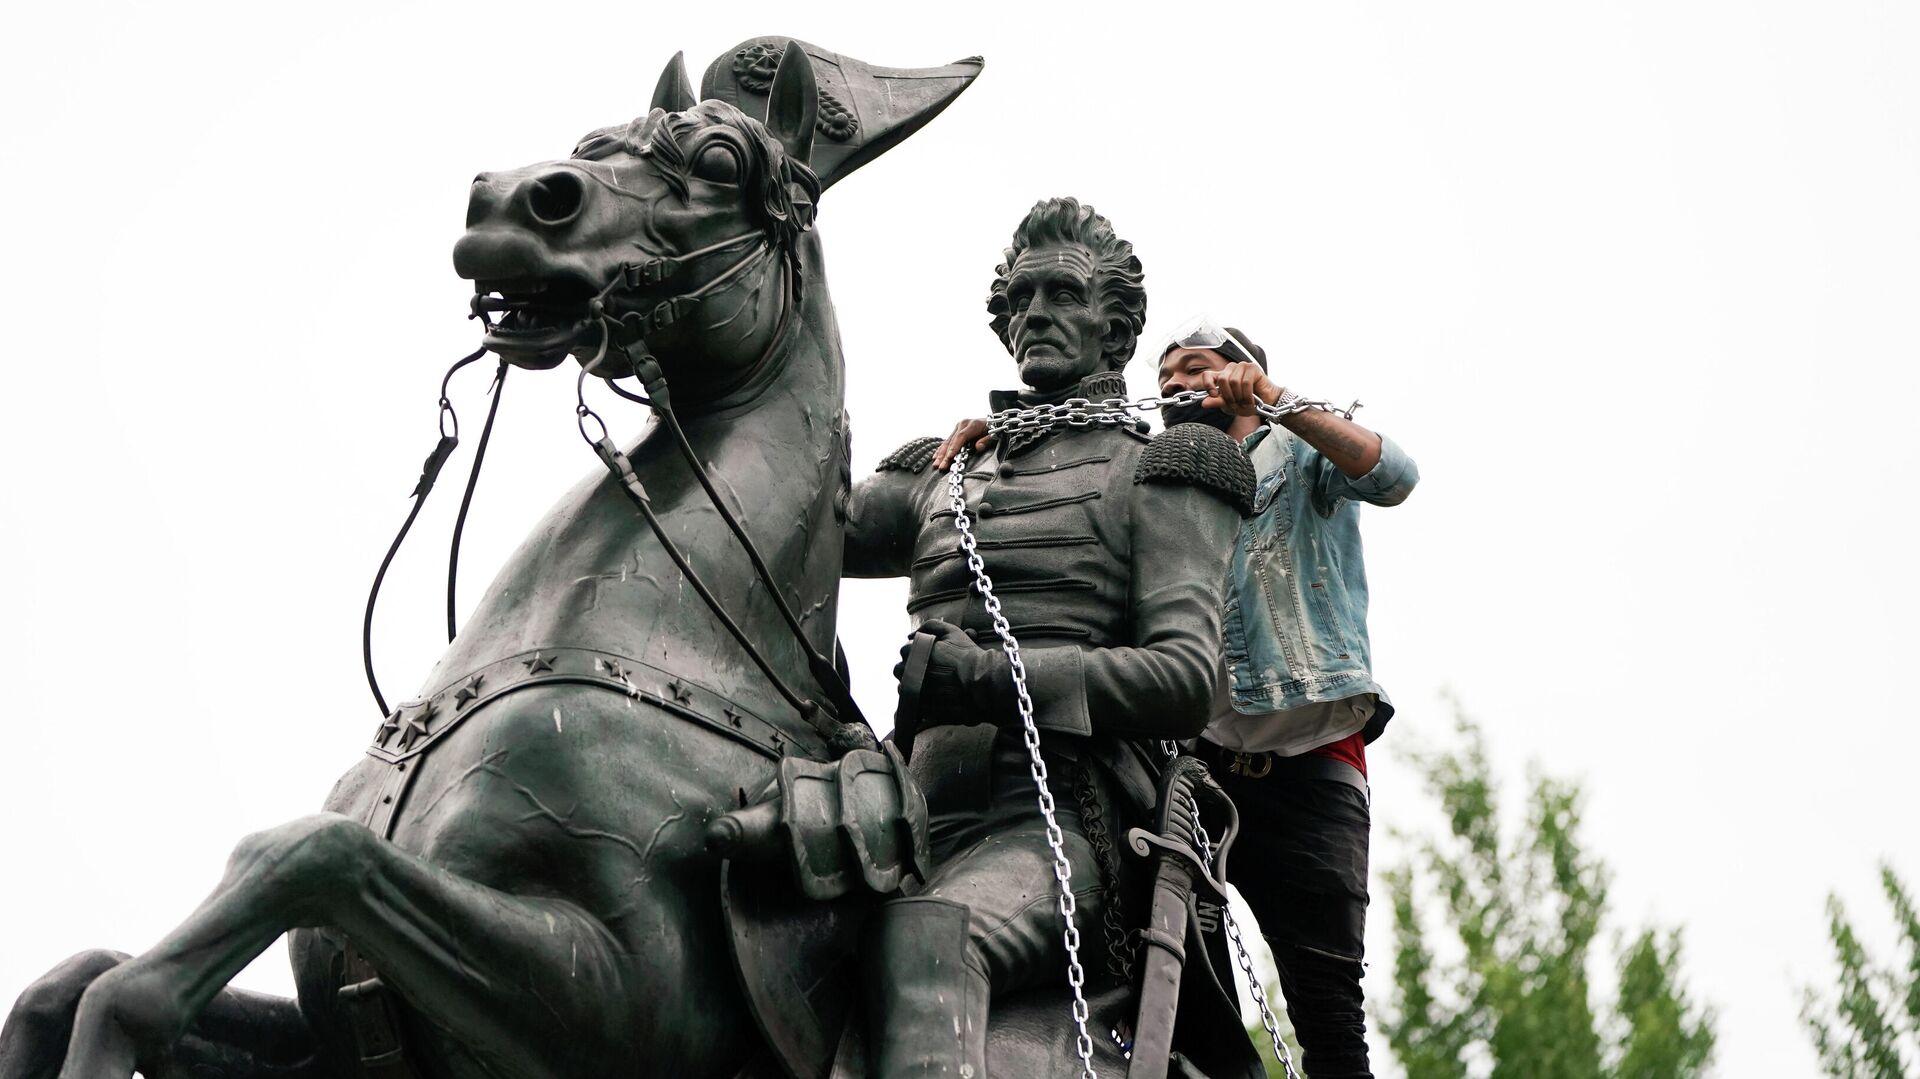 Протестующие во время попытки снести памятник президенту США Эндрю Джексону в Вашингтоне - РИА Новости, 1920, 26.06.2020